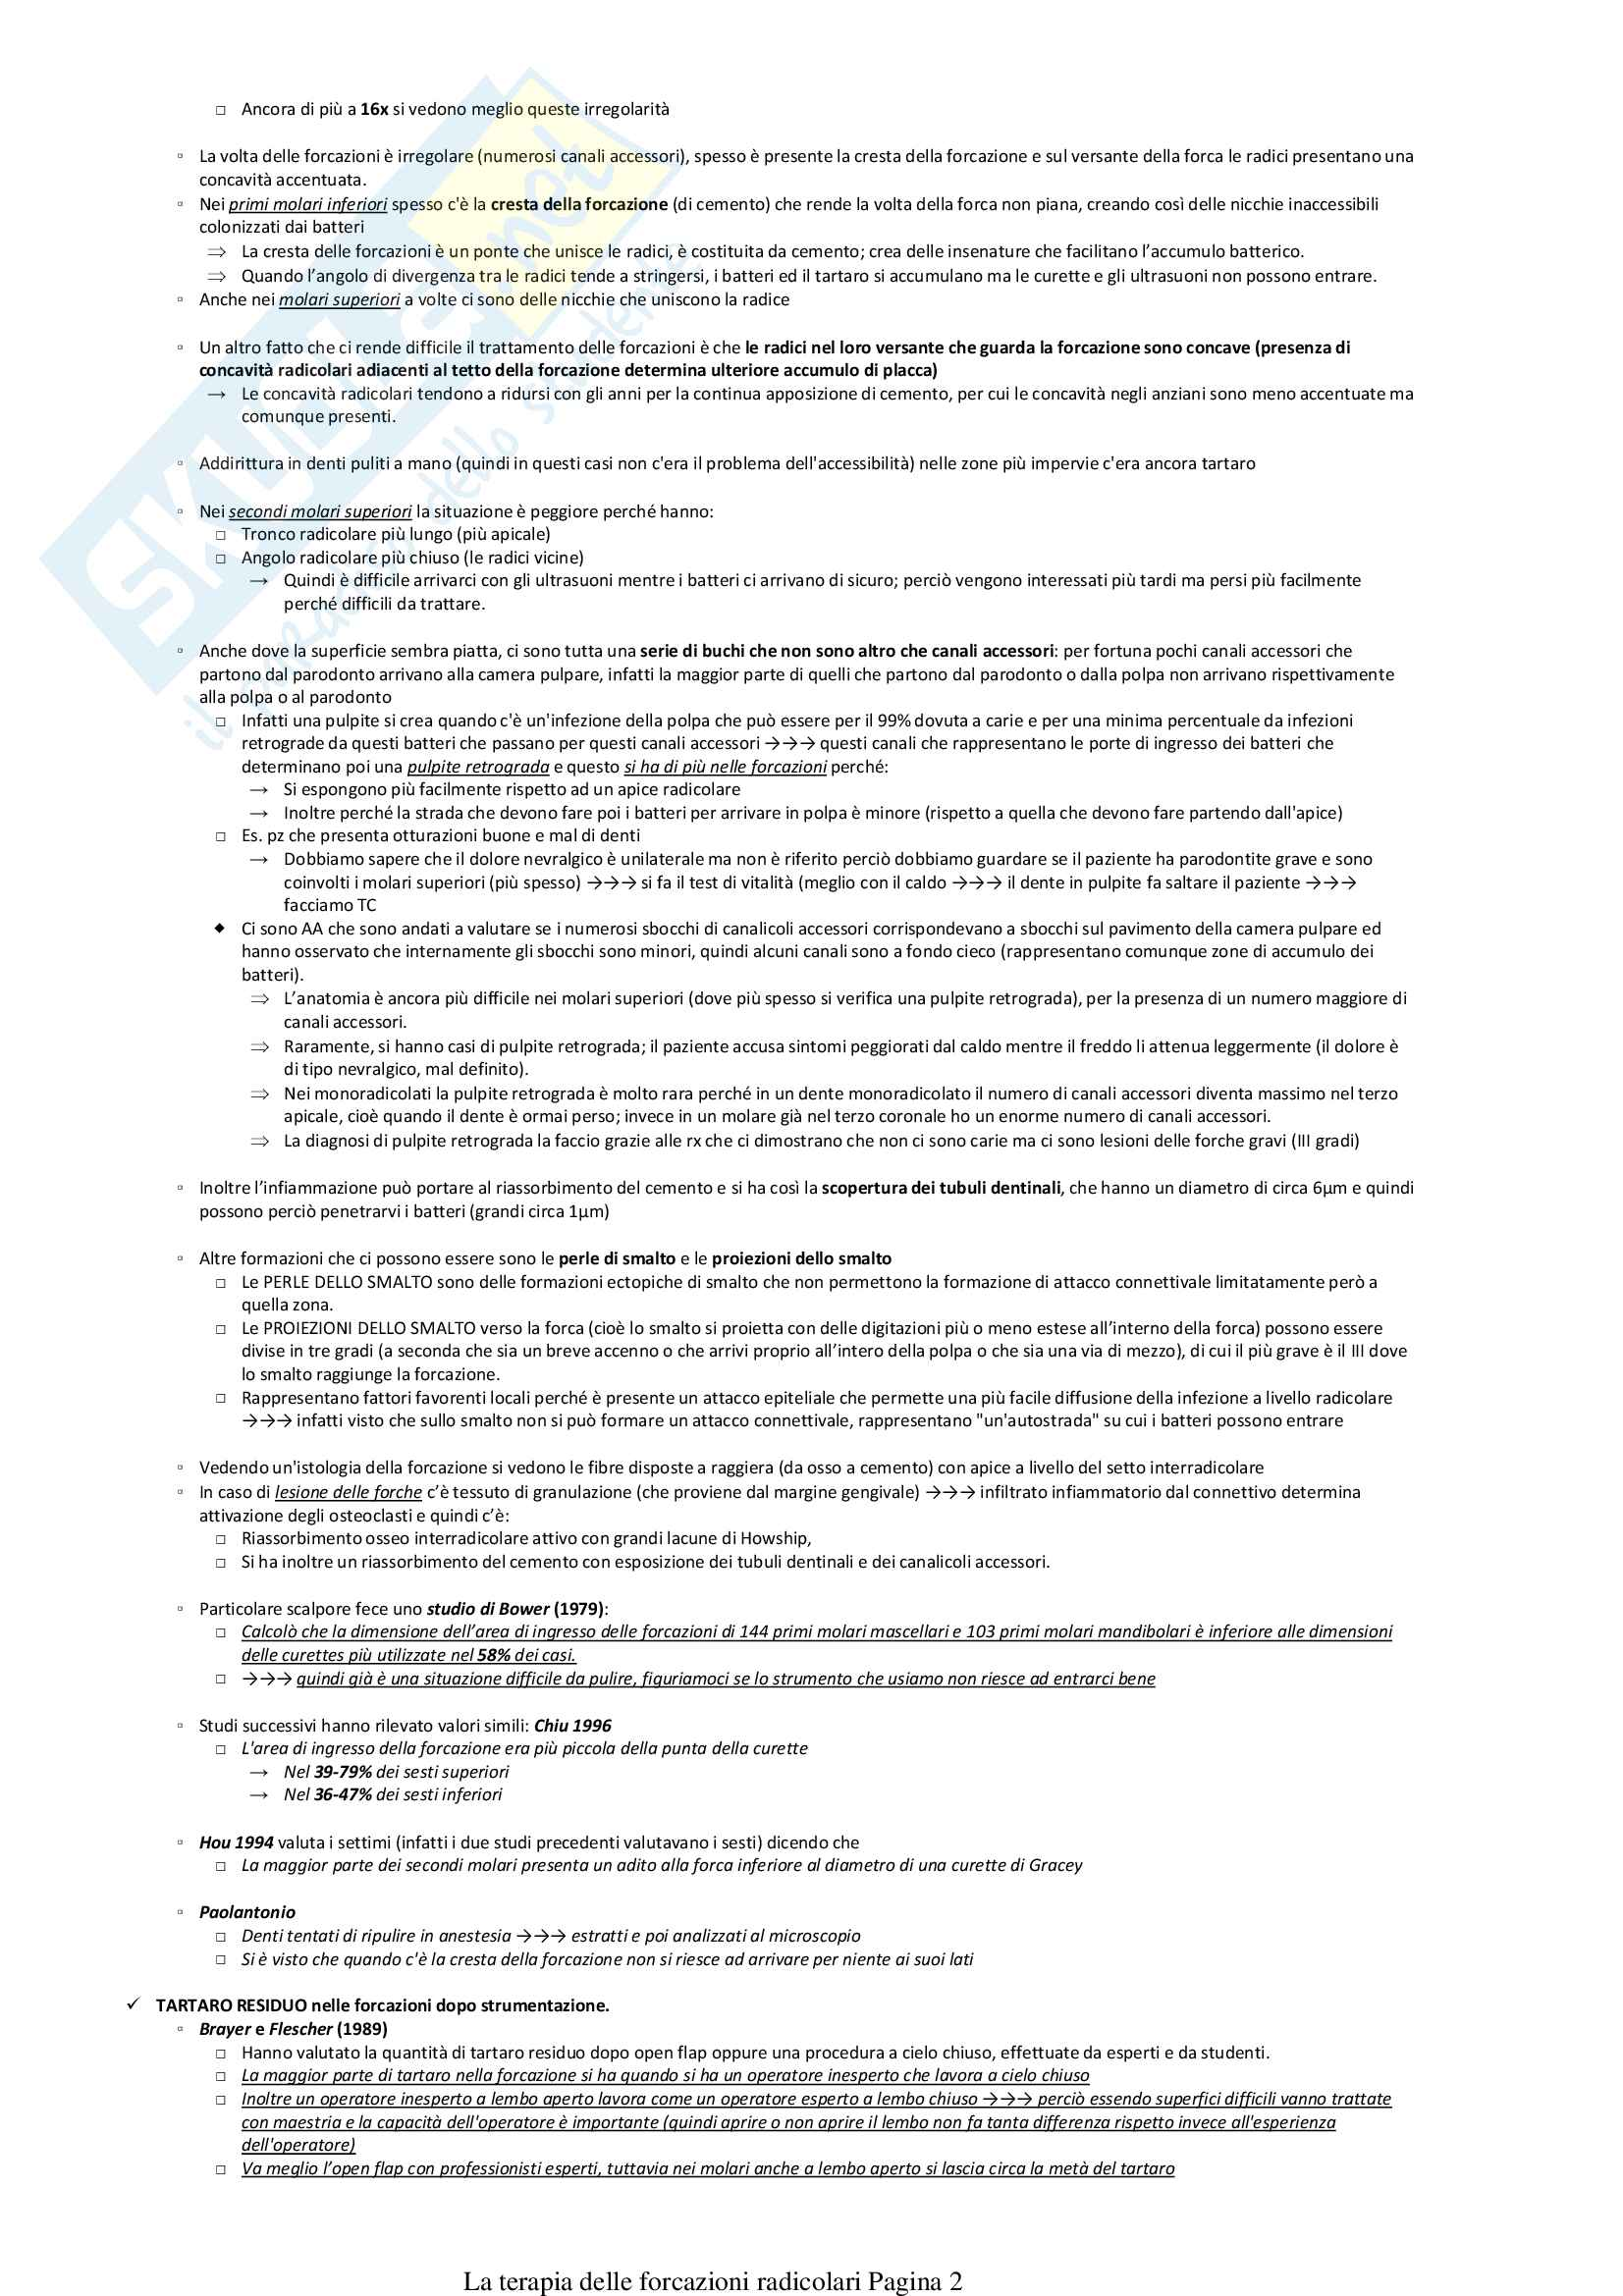 La terapia delle forcazioni radicolari Pag. 2